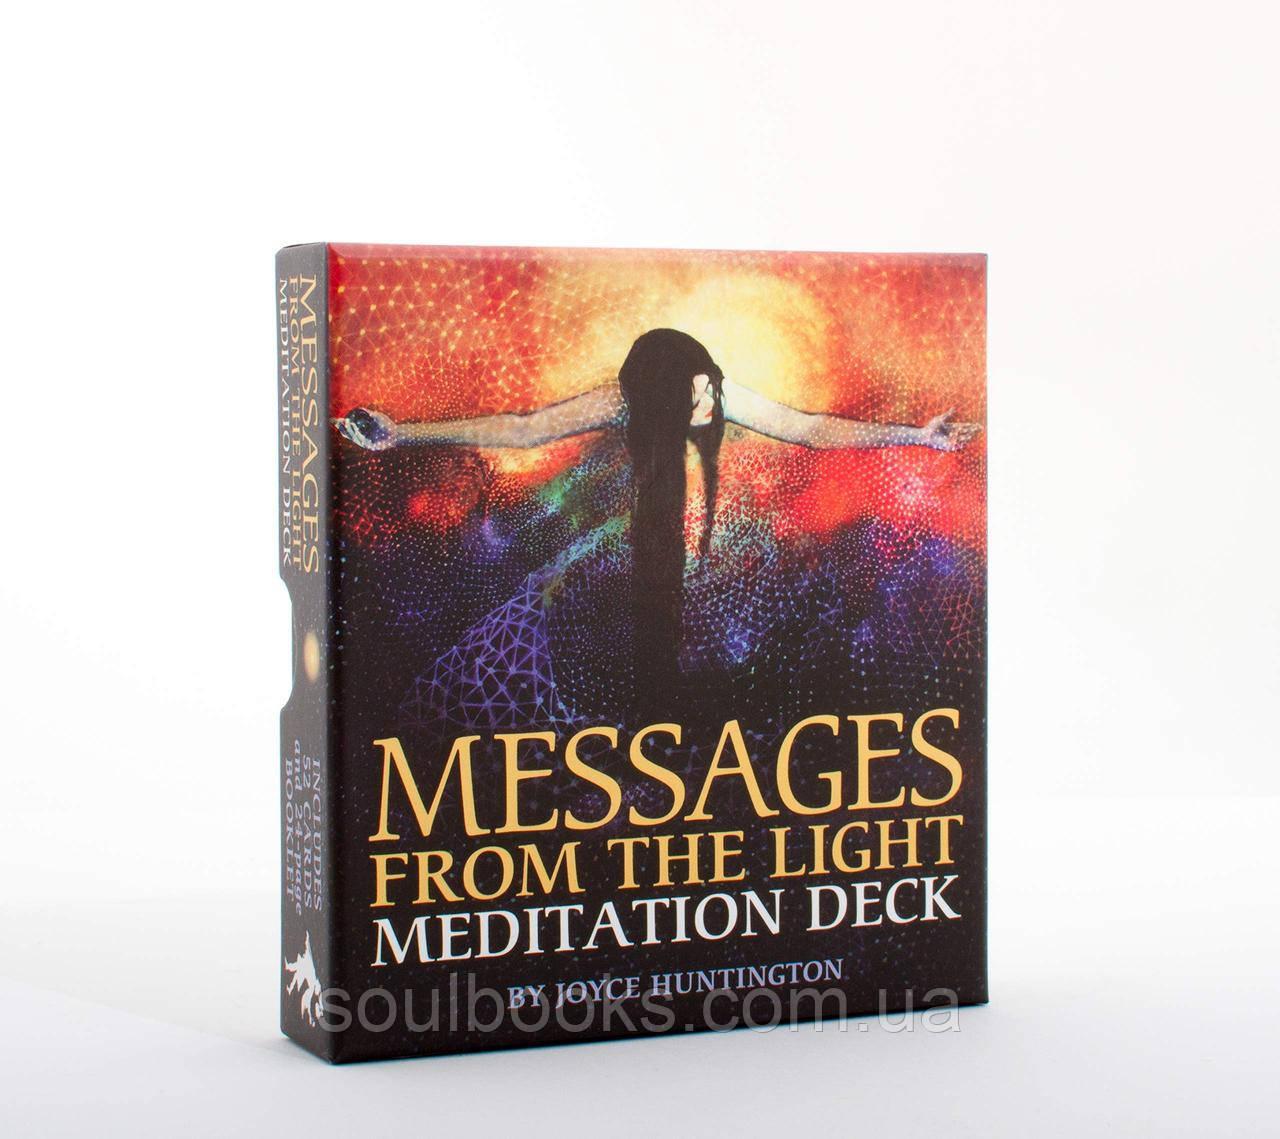 Карти Messages from the Light Meditation Deck (Карти Послання Світу)